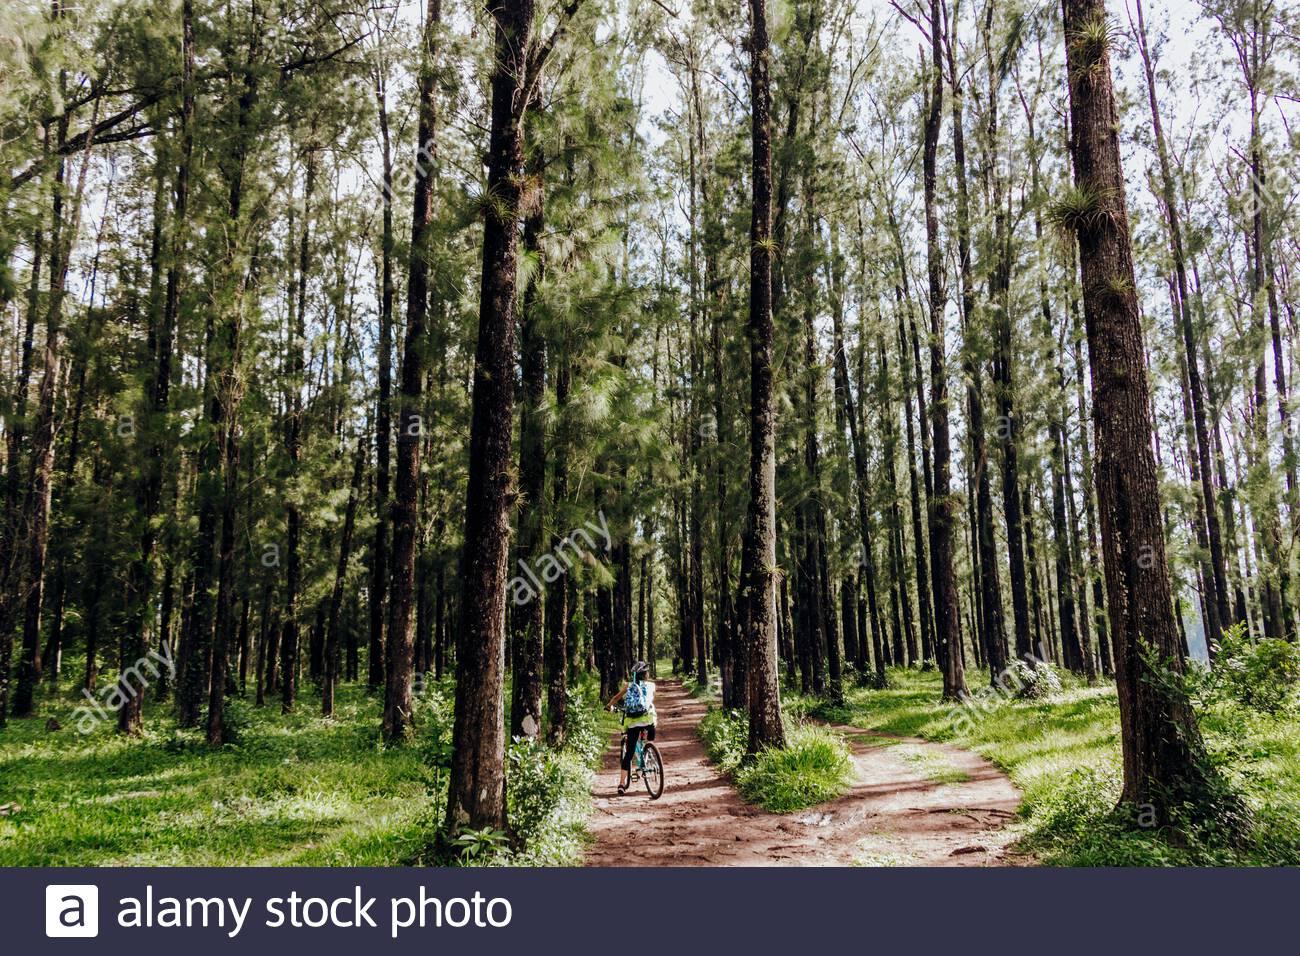 mujer en bicicleta en medio de un bosque frontoso con mochilla azul Foto Stock